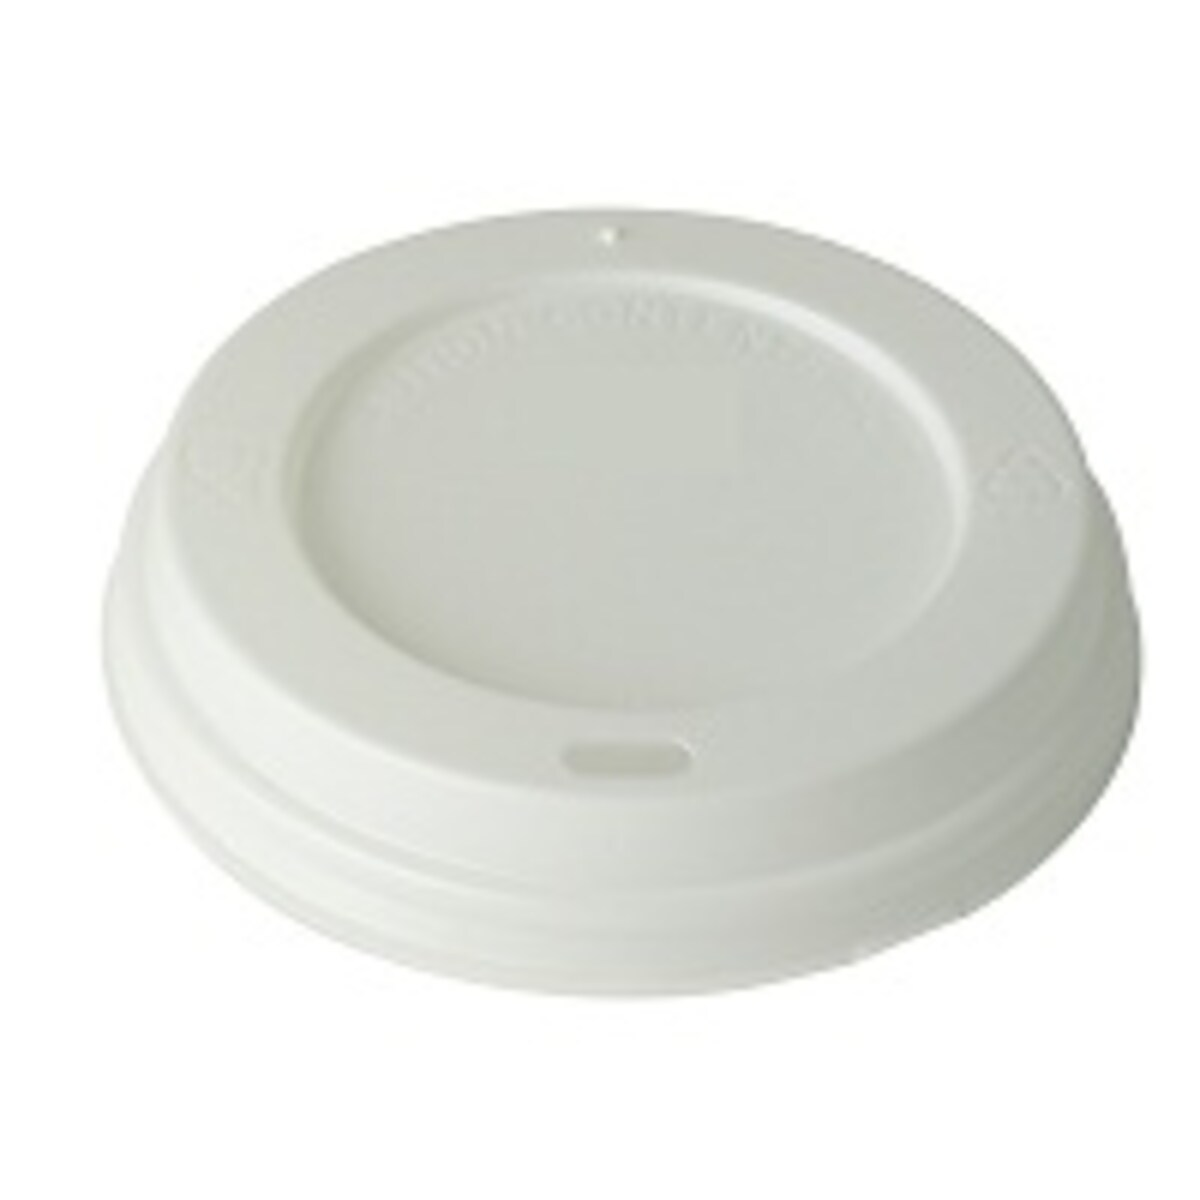 Капачки за картонени чаши за Тчибо чаши 100мл